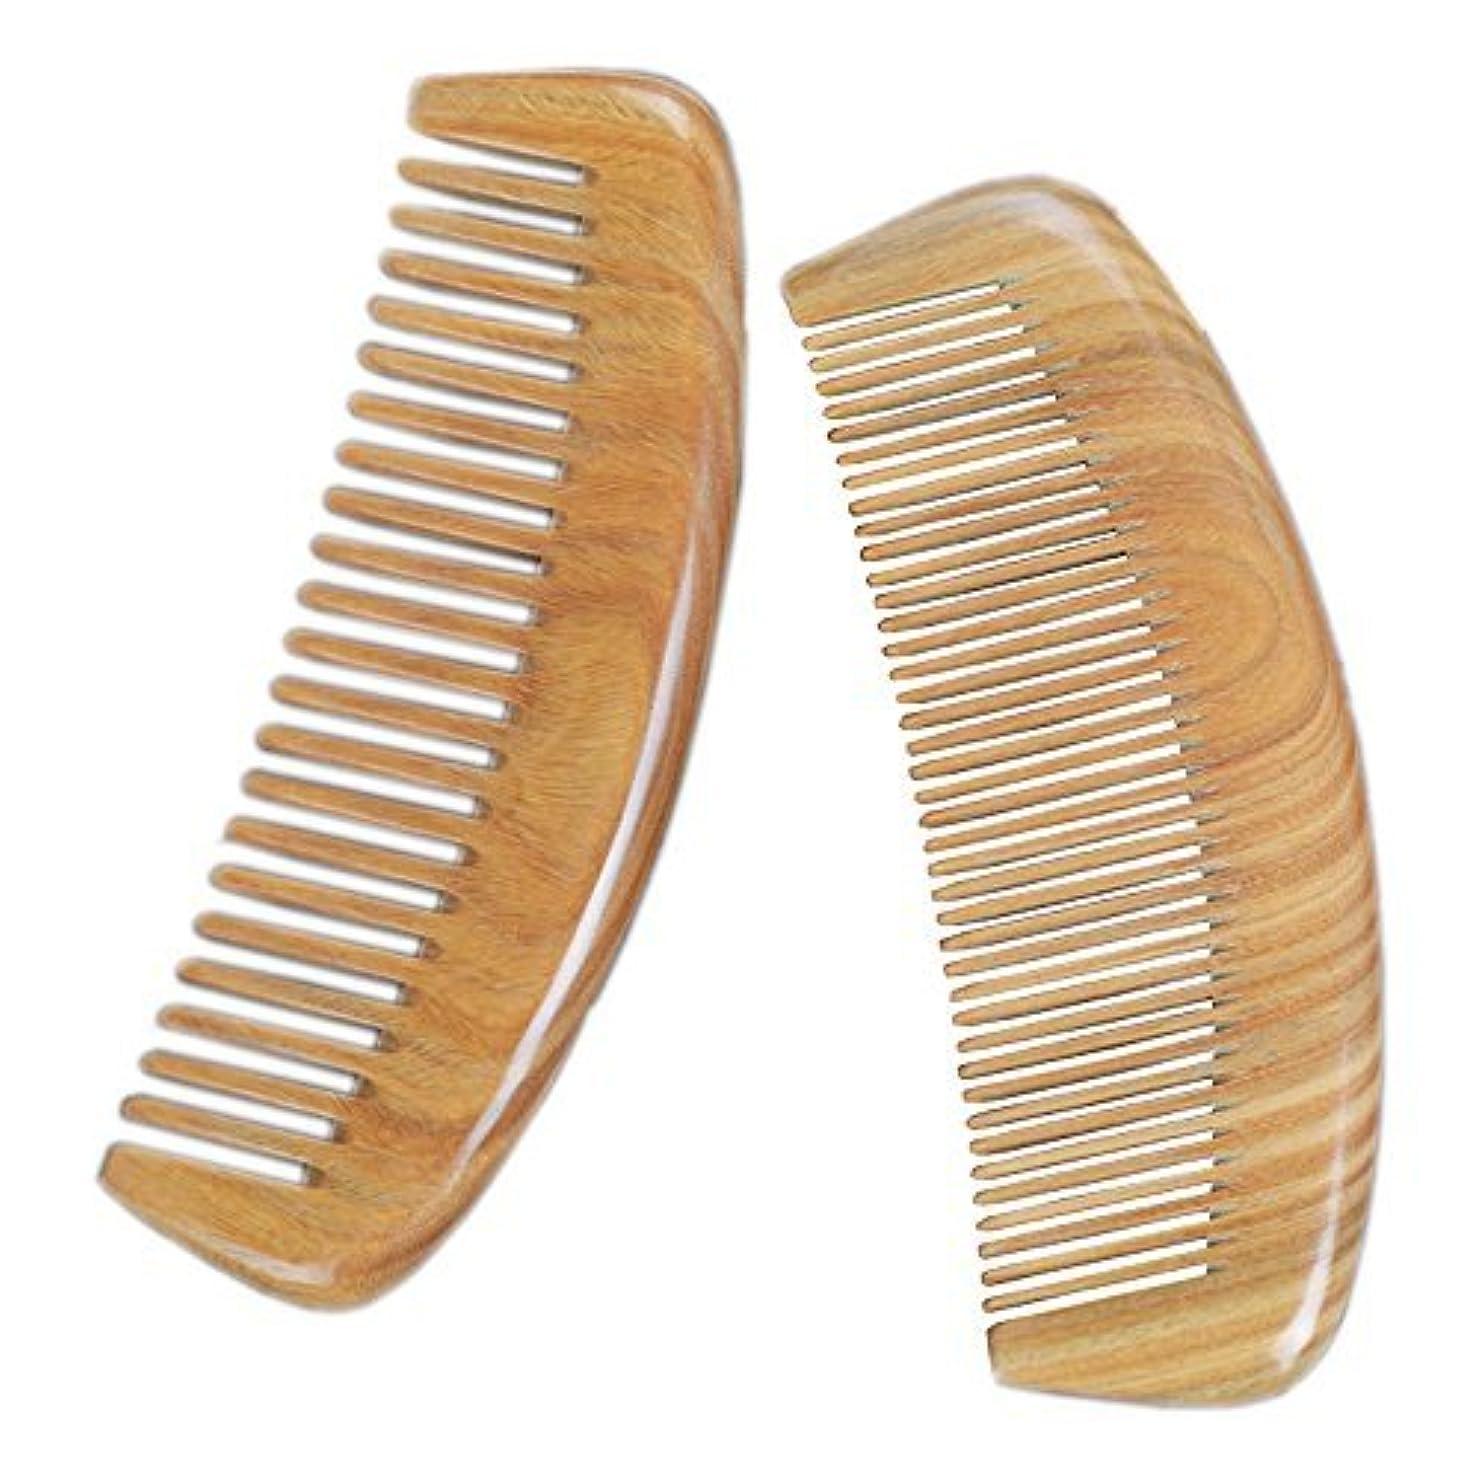 食器棚なめらかシェアLiveZone Handmade Natural Green Sandalwood 2-Count(Minute Tooth and Wide Tooth Wood Comb) Hair Comb with Natural...